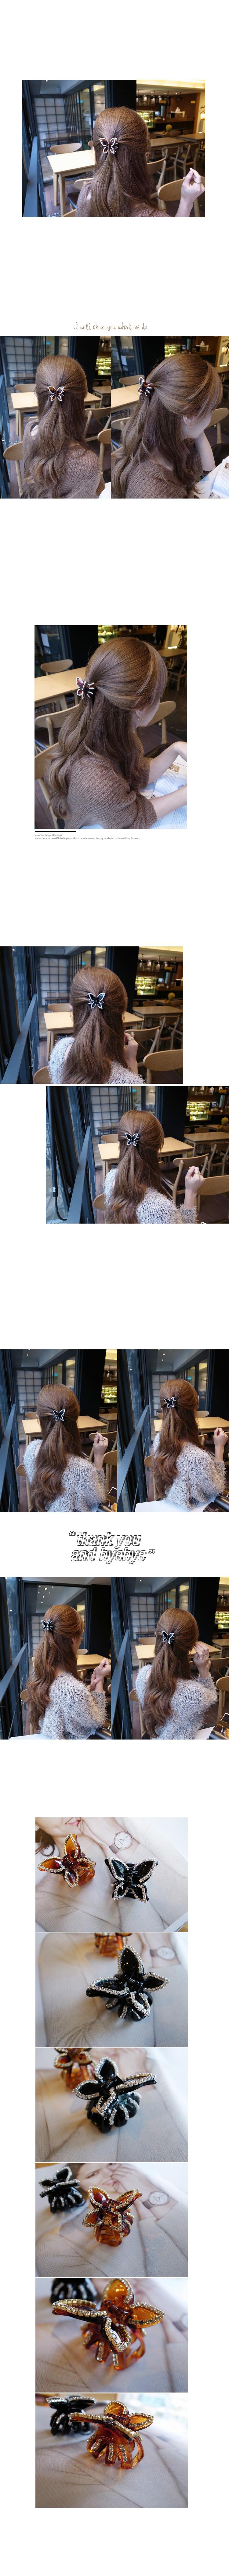 韓國 NaniWorld 氣質女孩專用鑲鑽氛圍蝴蝶髮夾 #2007 褐色蝴蝶